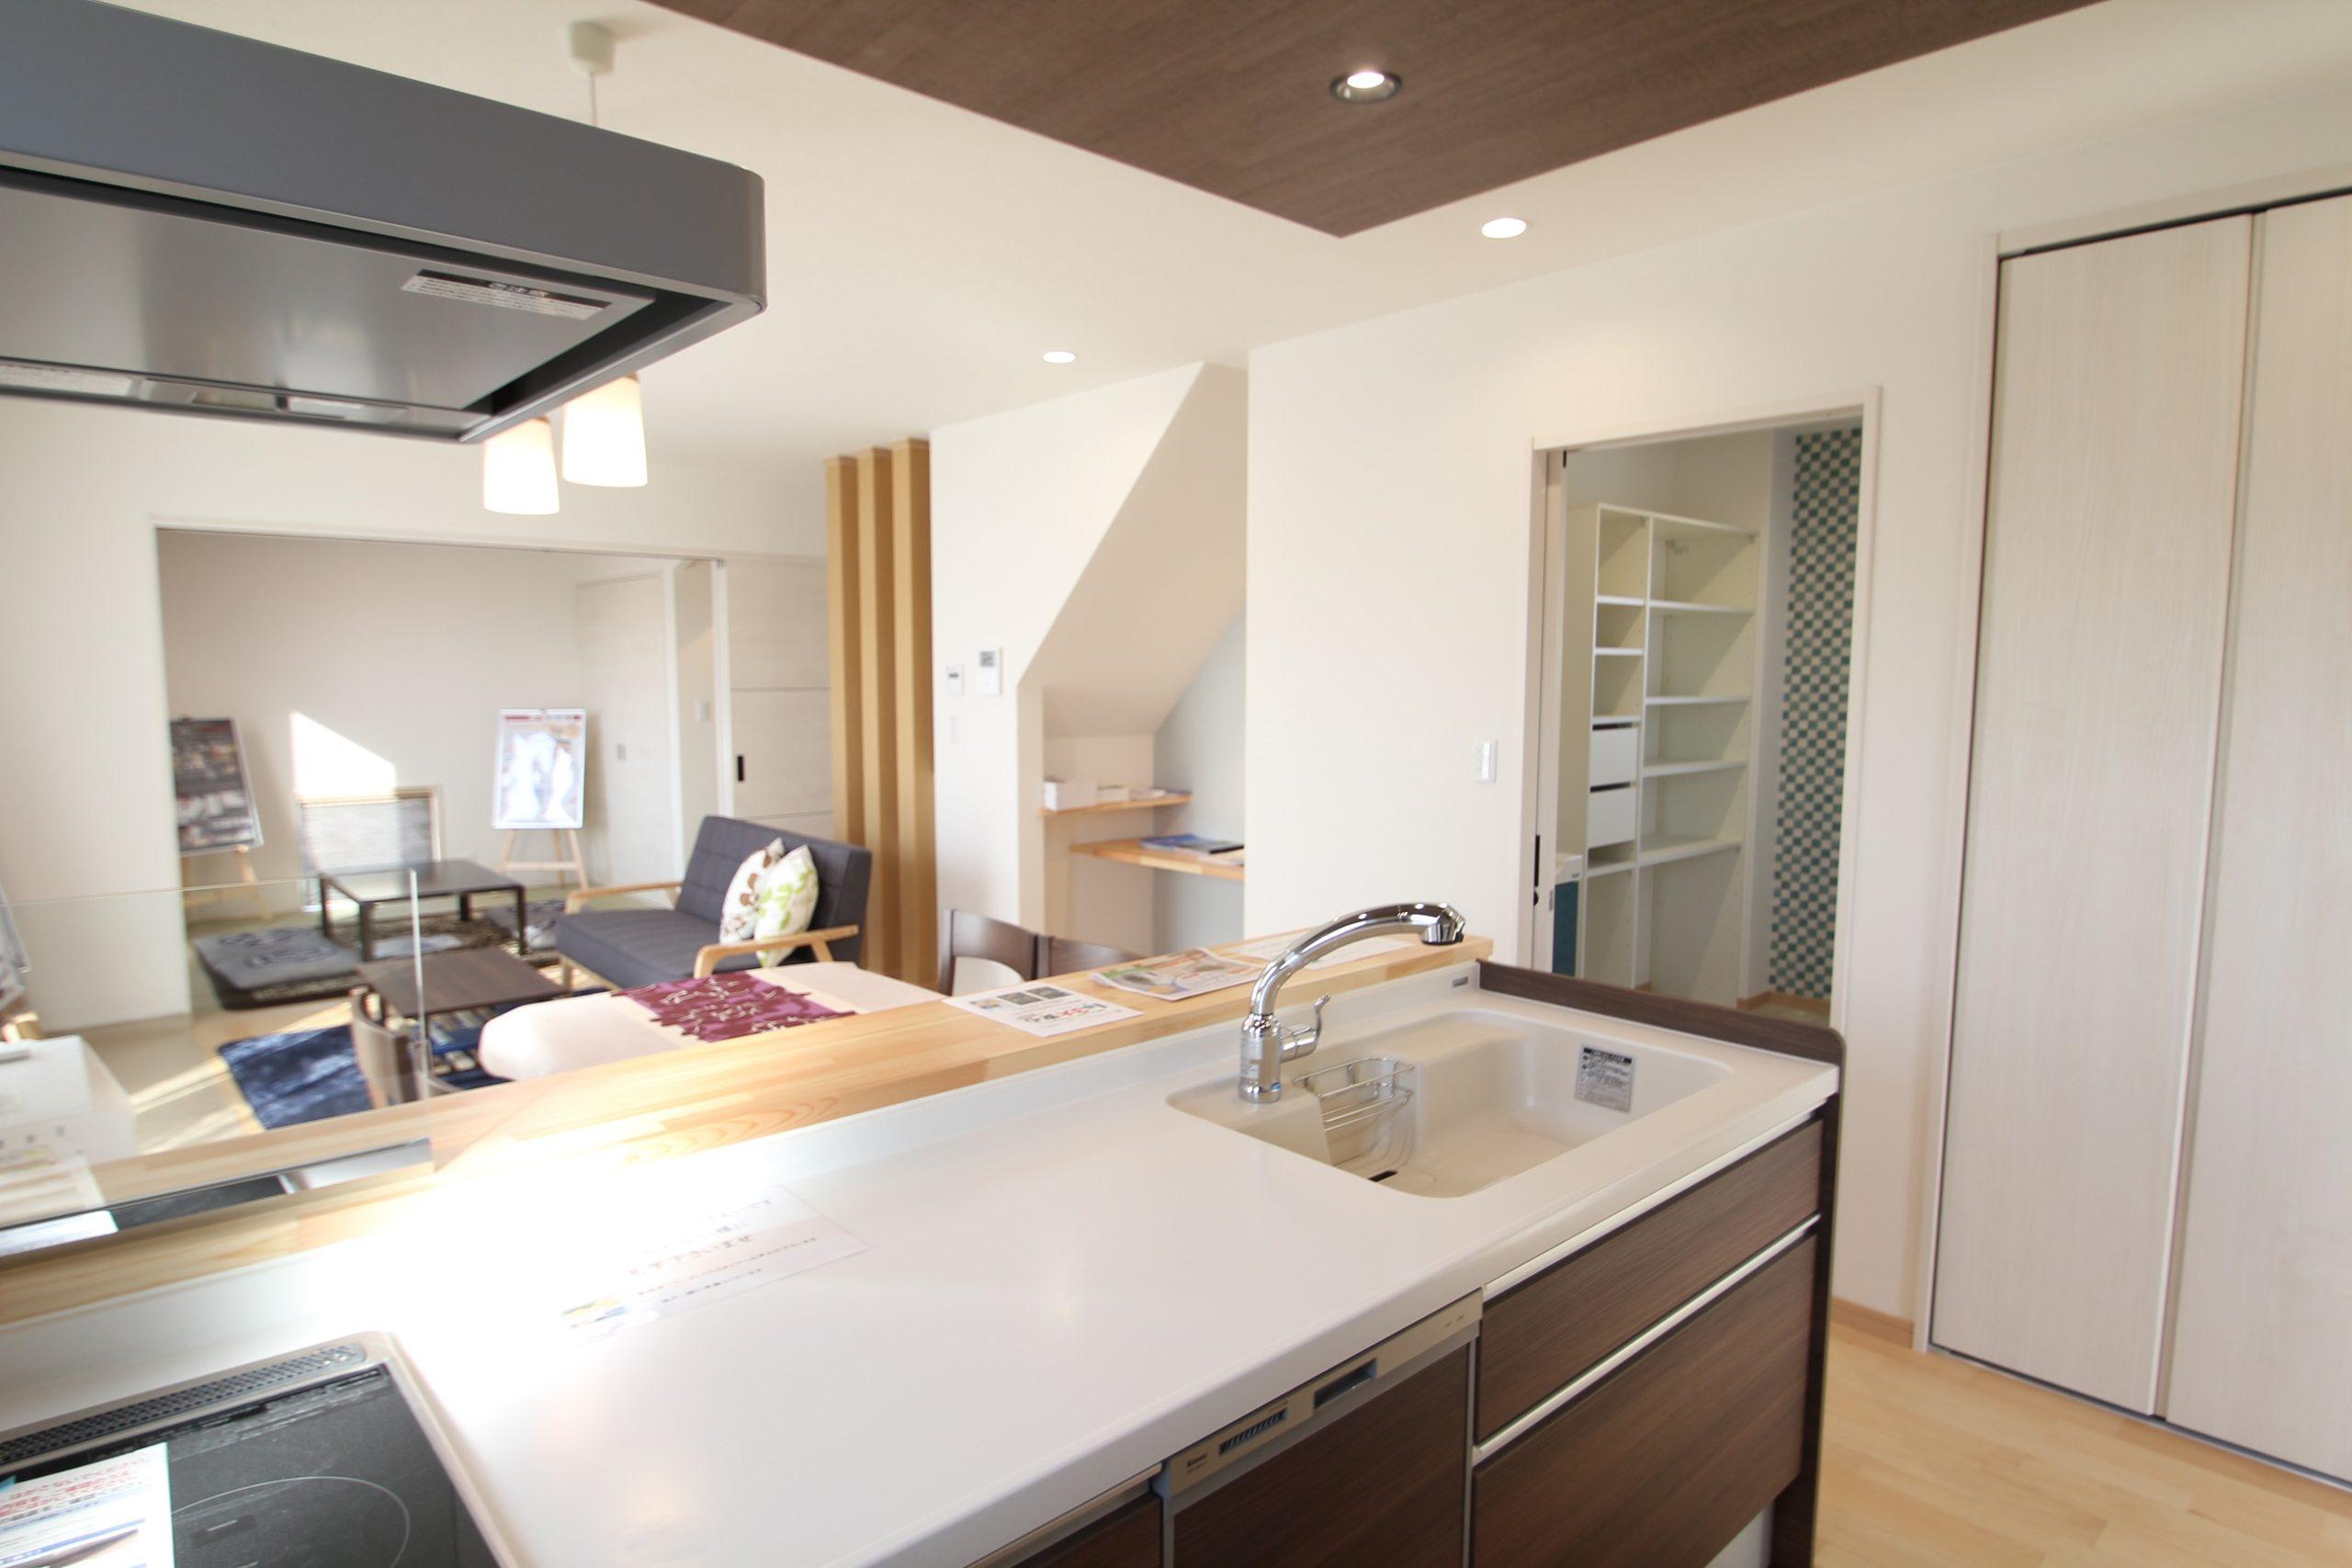 キッチン:すぐ横に洗面脱衣室があり衣類の洗濯をしながら料理を作れます。